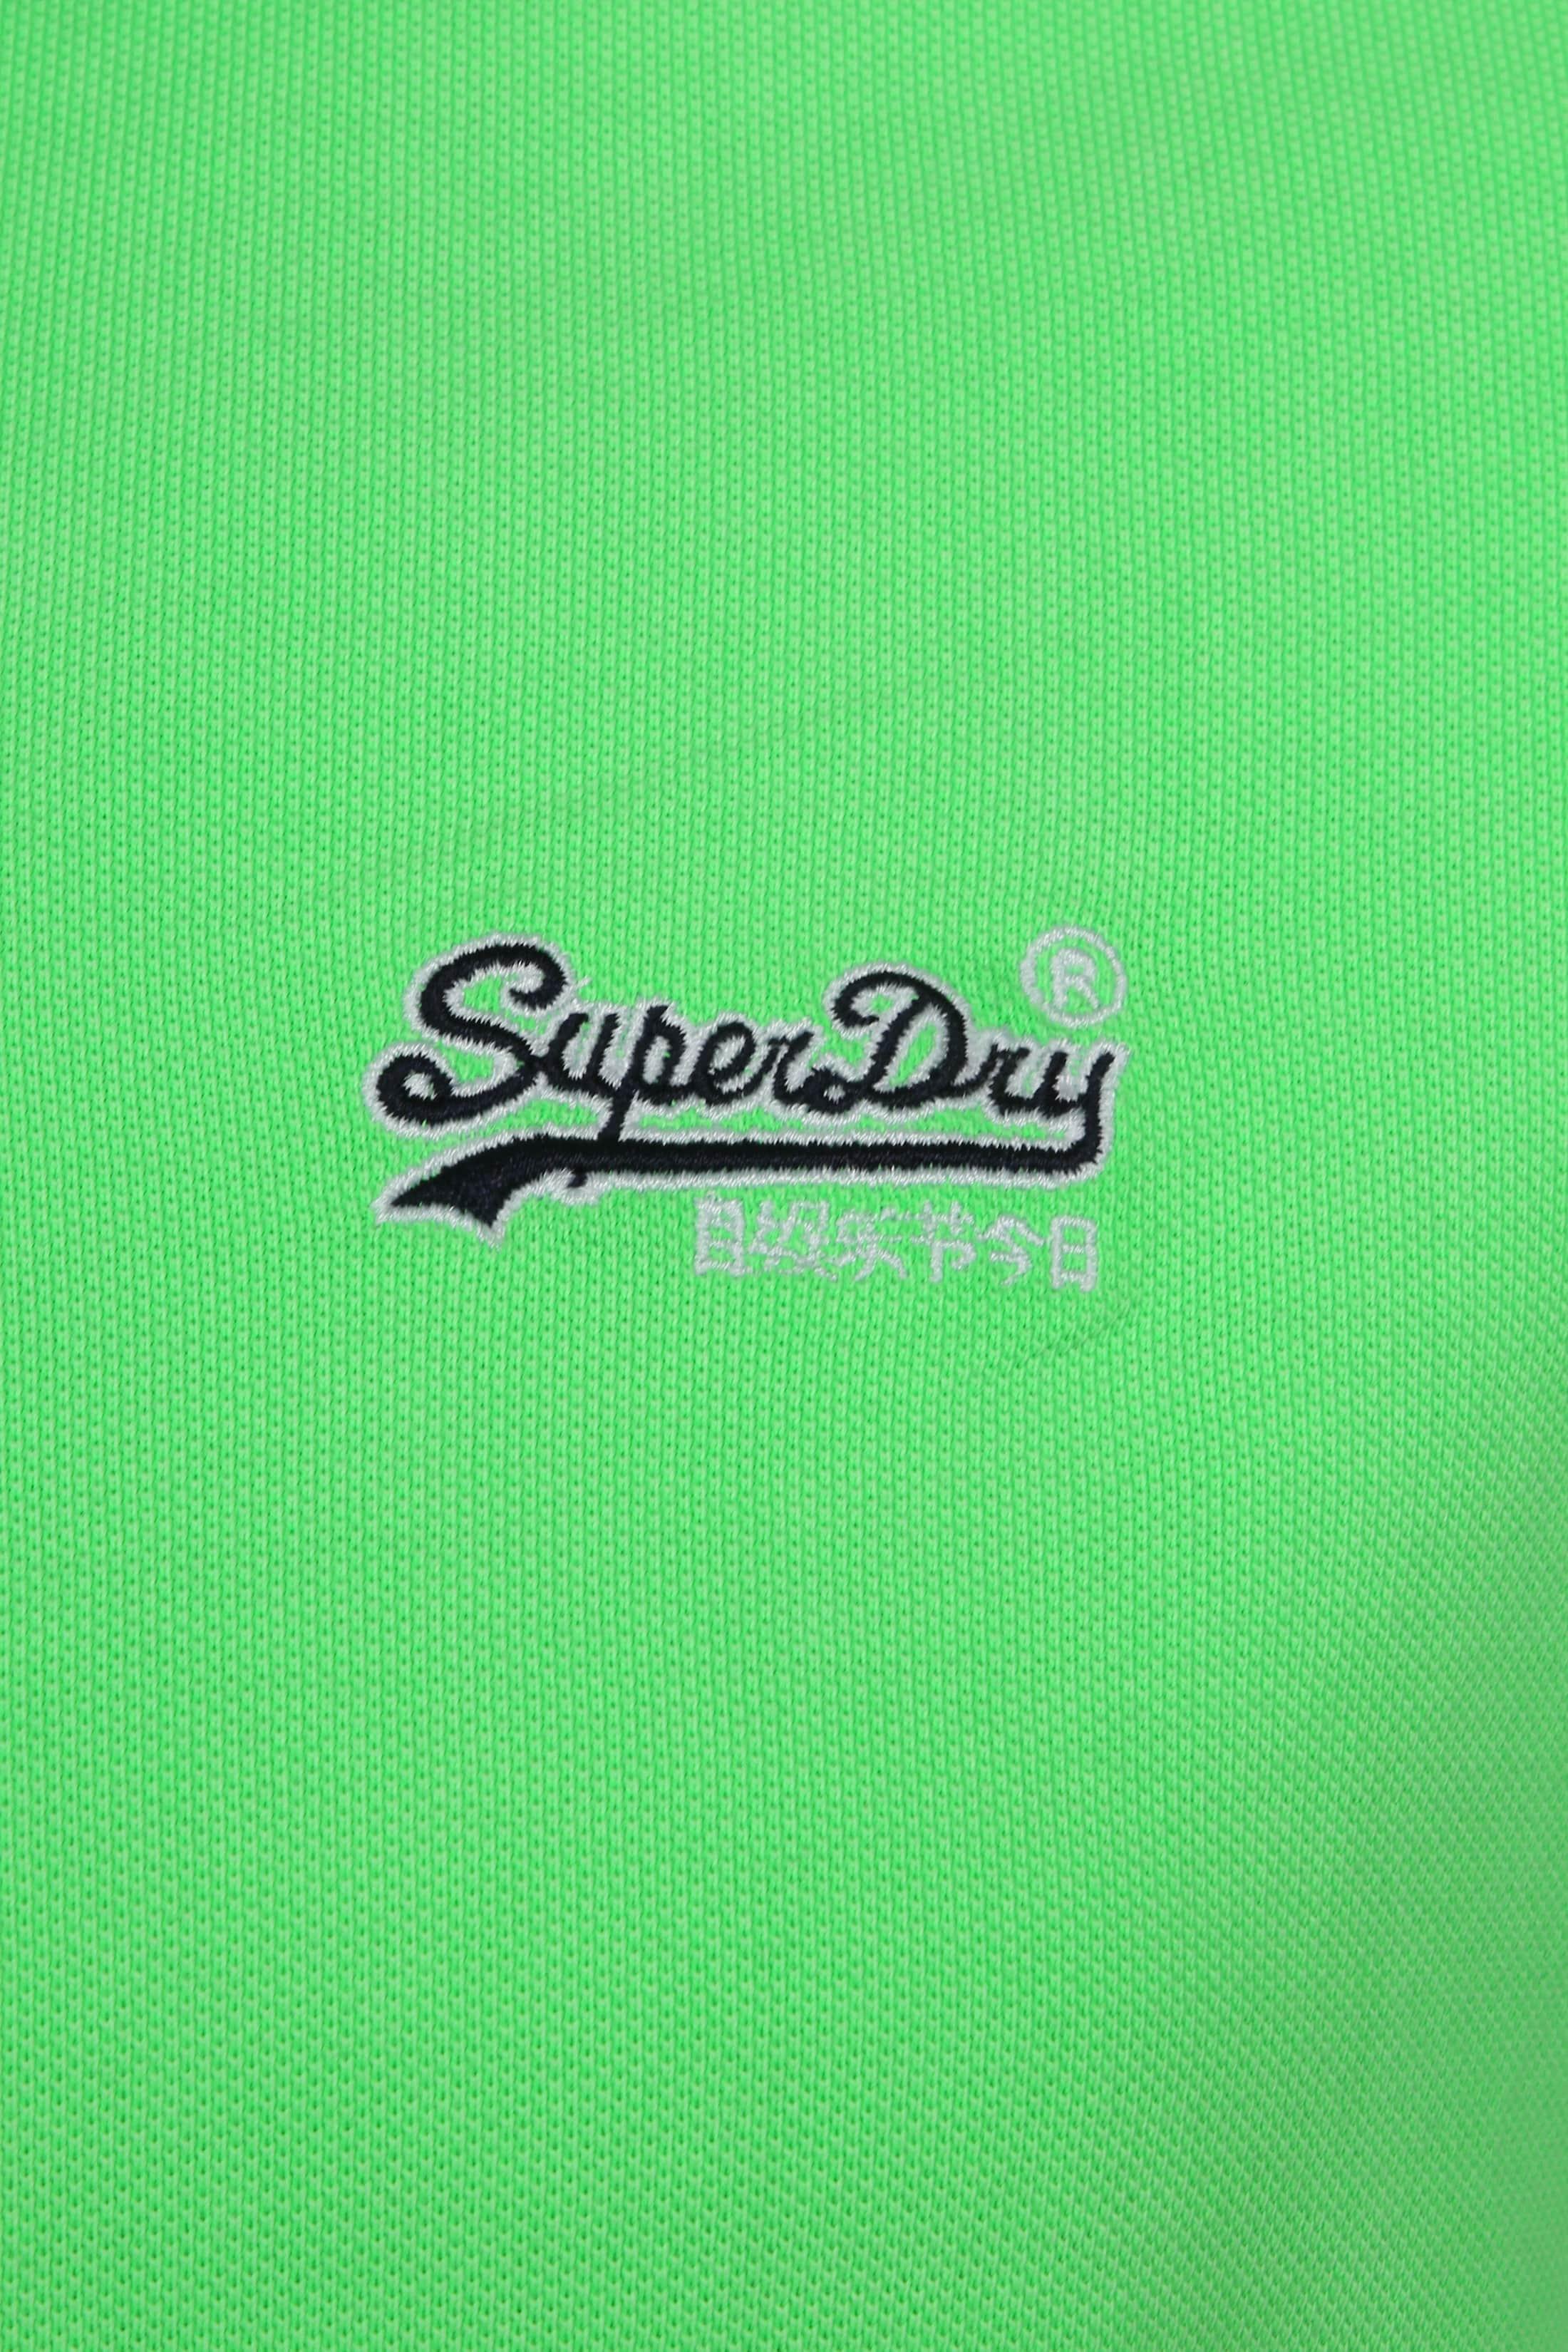 Superdry Polo Fluro Groen foto 1